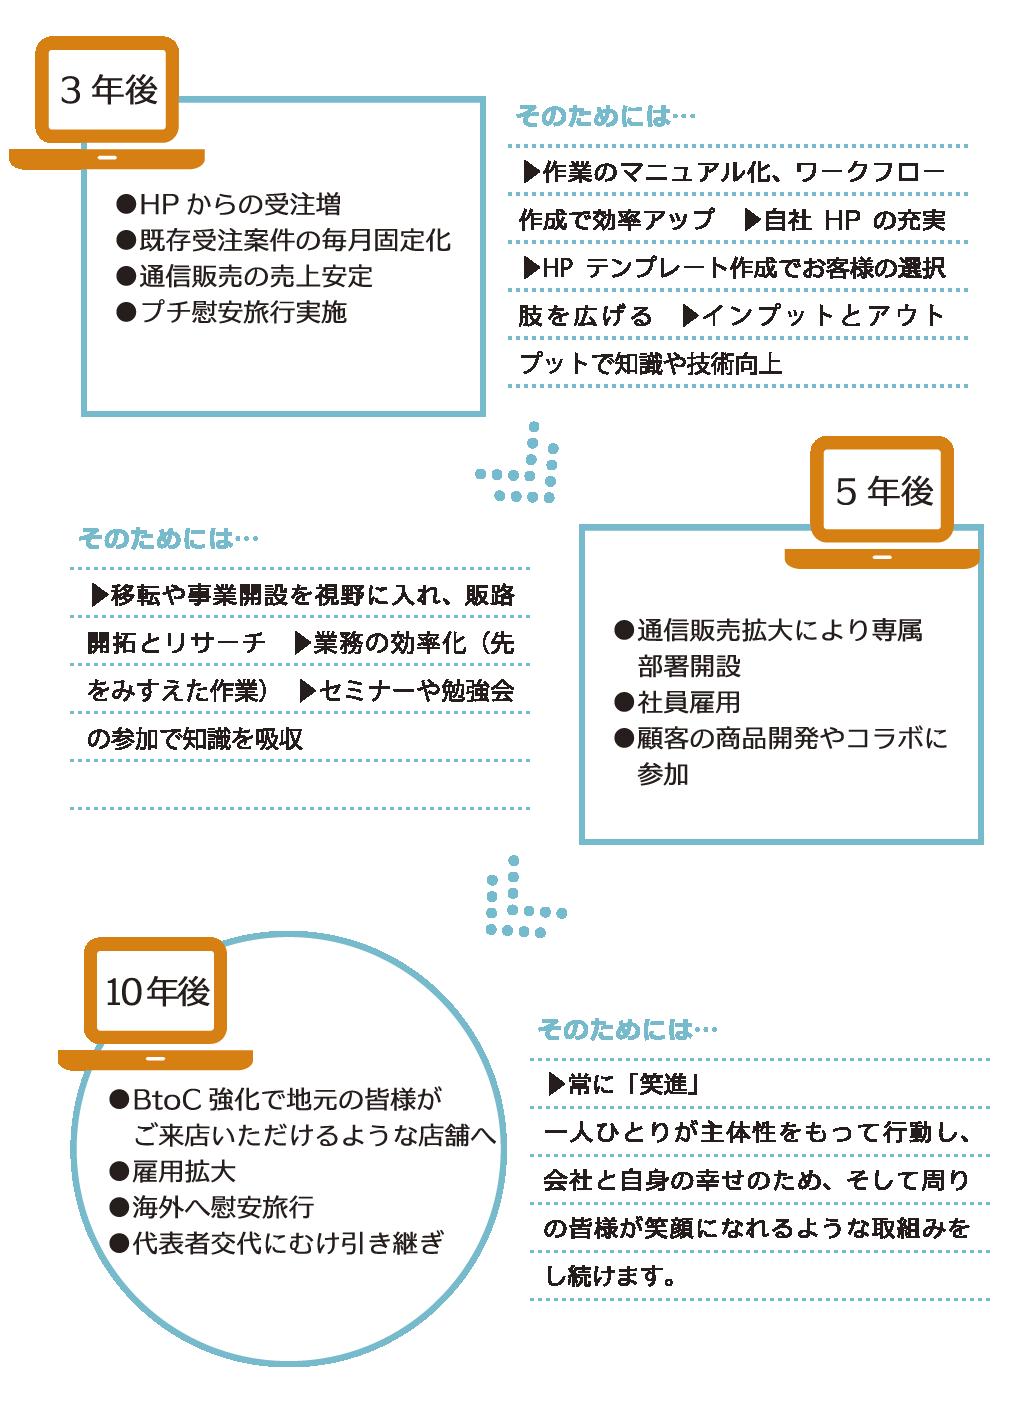 印刷WEBデザインの株式会社リノ